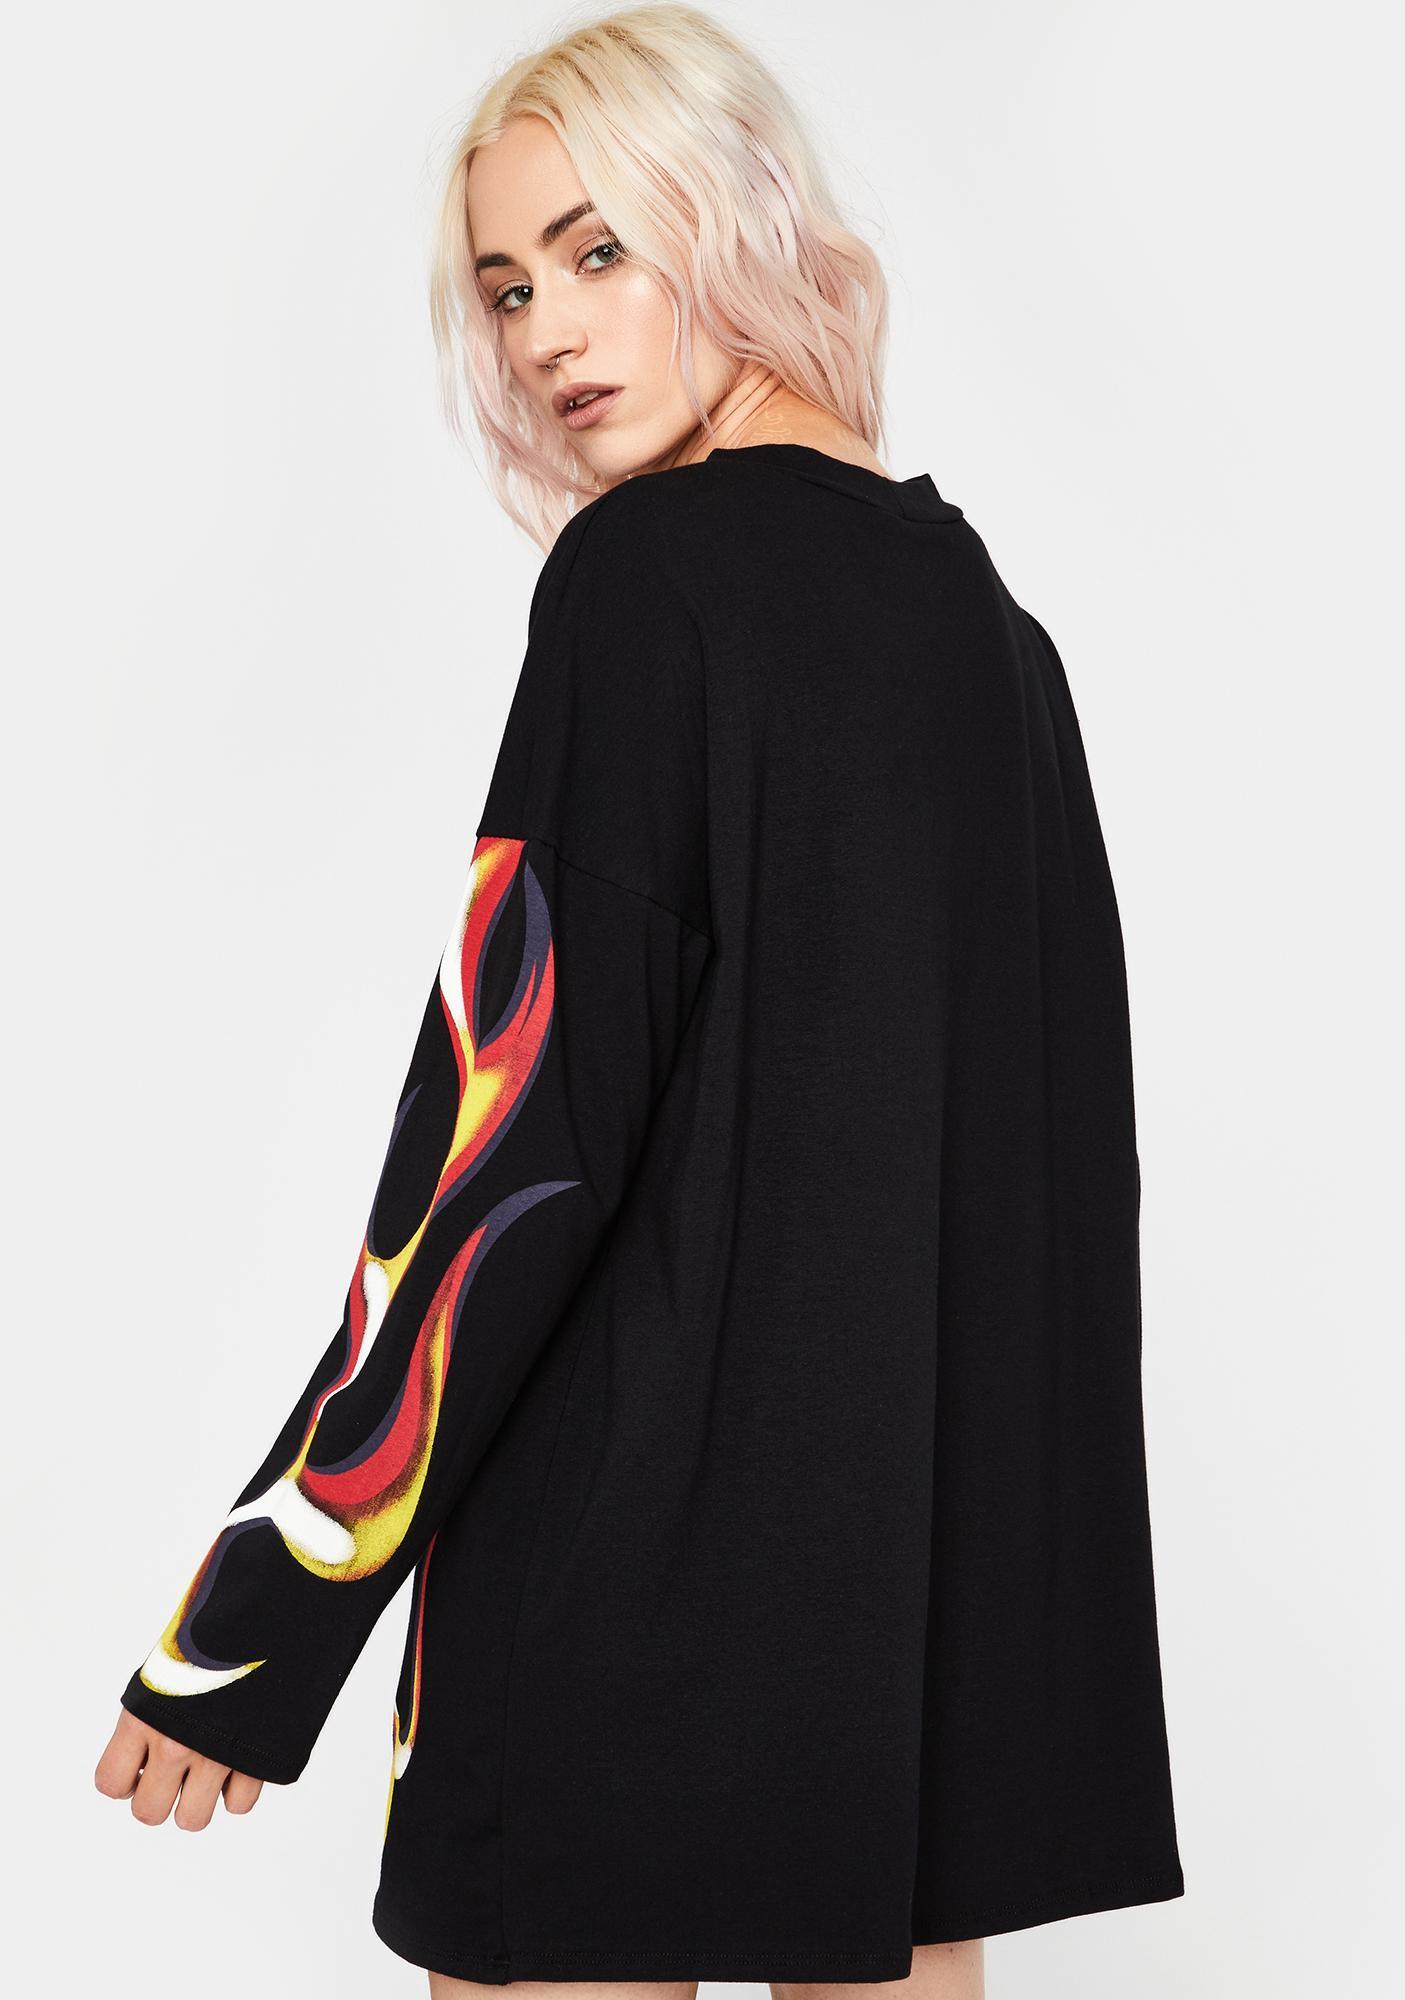 Spitfire Shorty Shirt Dress